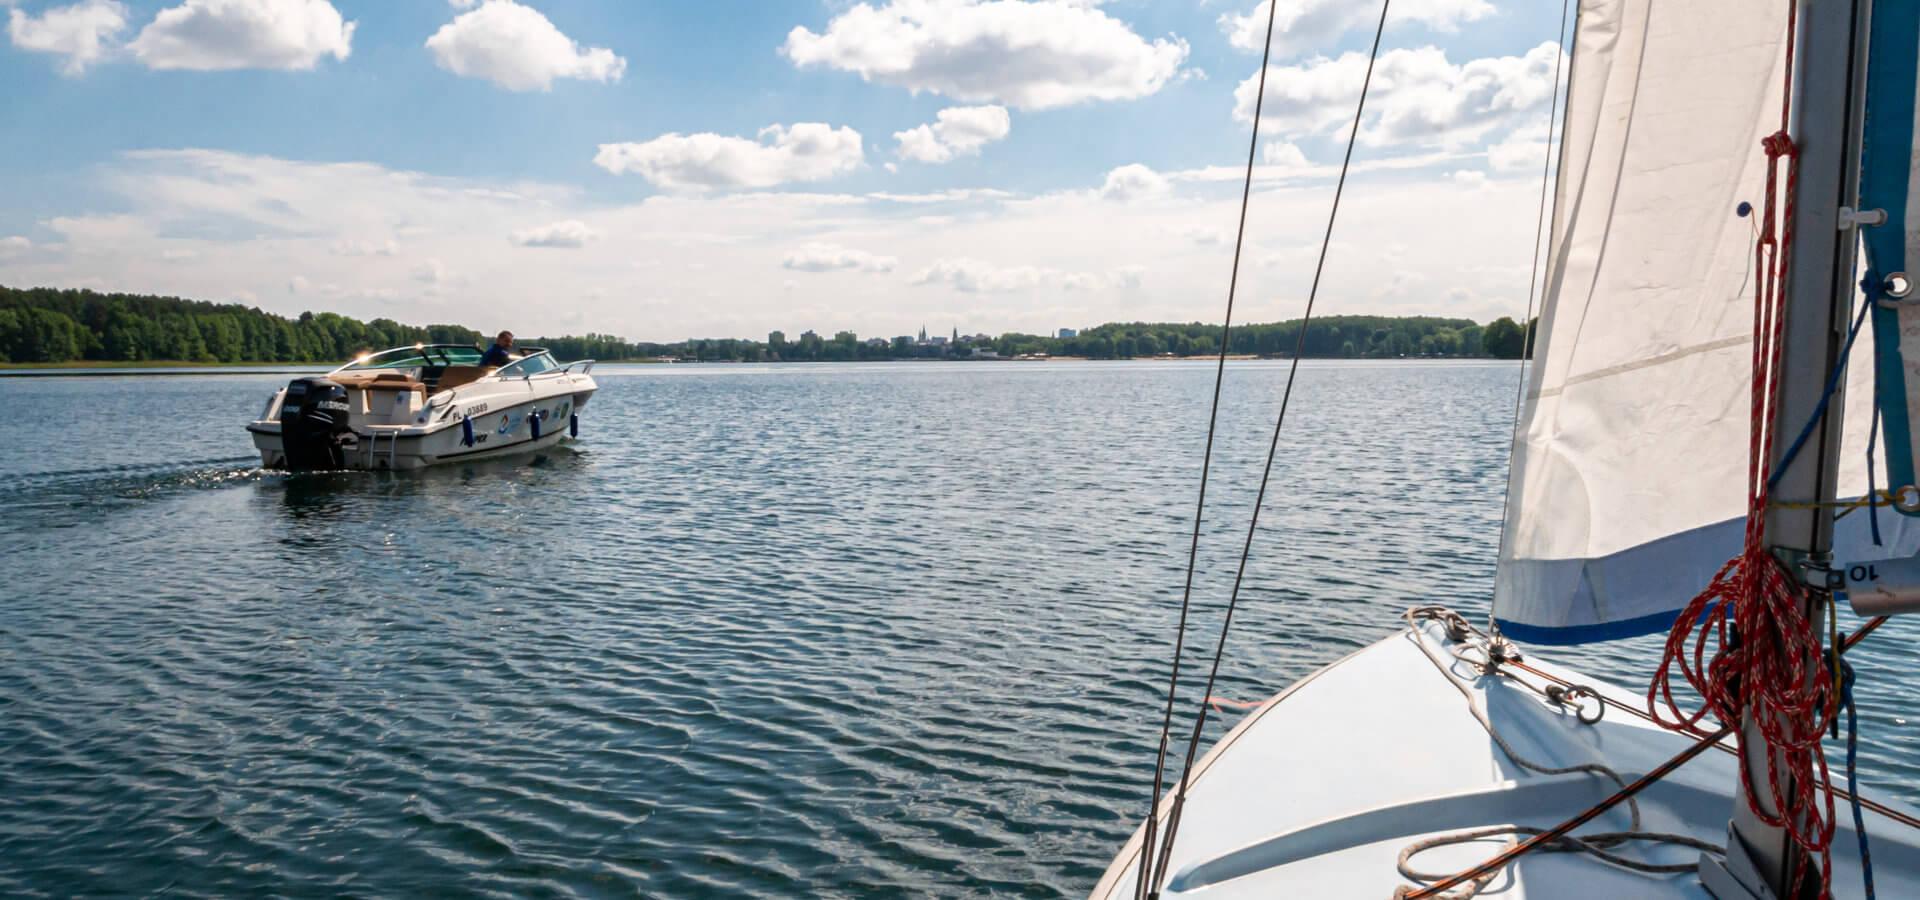 Zwiedzanie Olsztyna. Co warto zobaczyć w mieście jezior, parków i lasów?